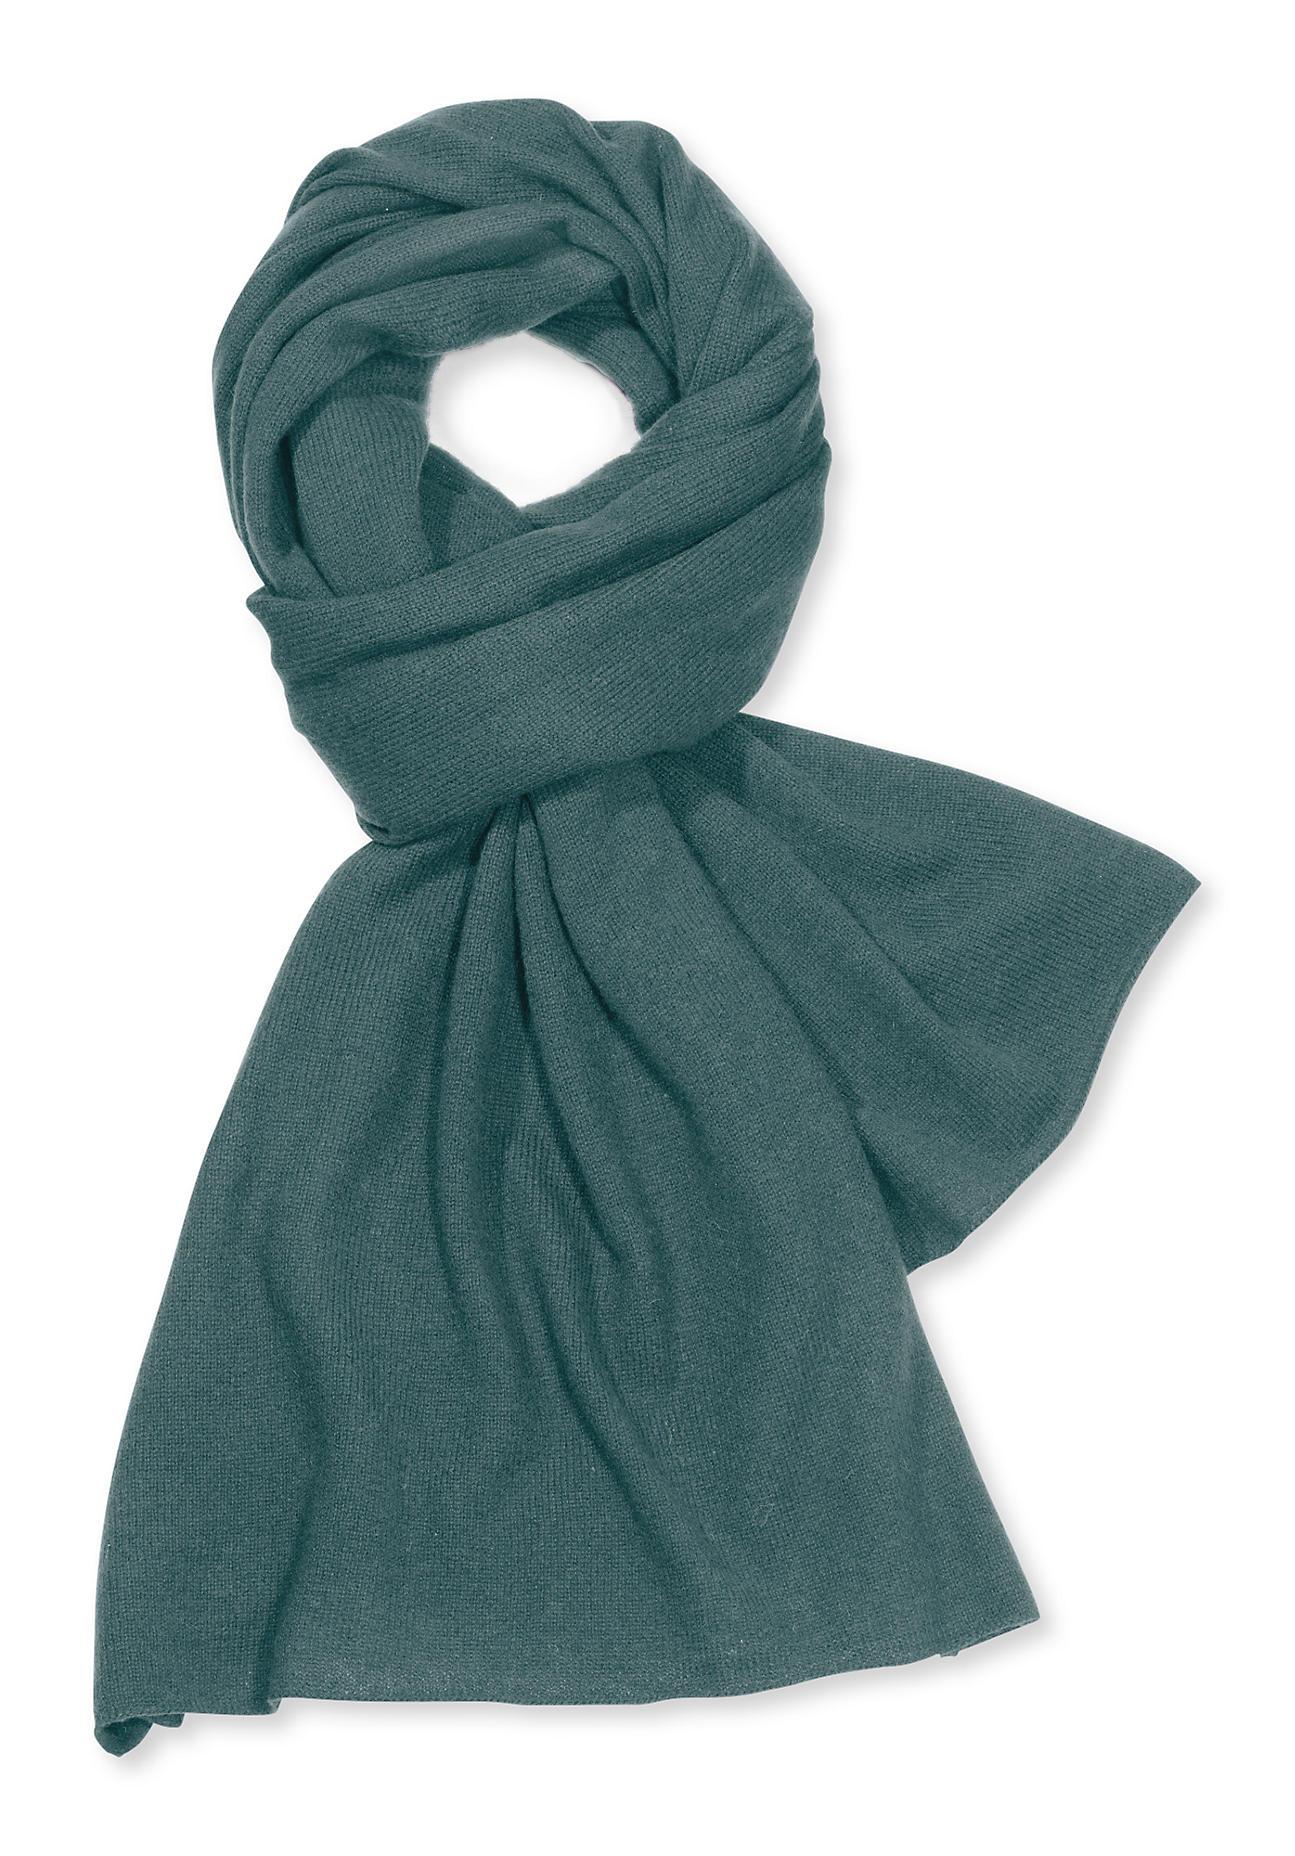 Schals für Frauen - hessnatur Damen Damen Strickschal aus Schurwolle mit Kaschmir – grün –  - Onlineshop Hessnatur